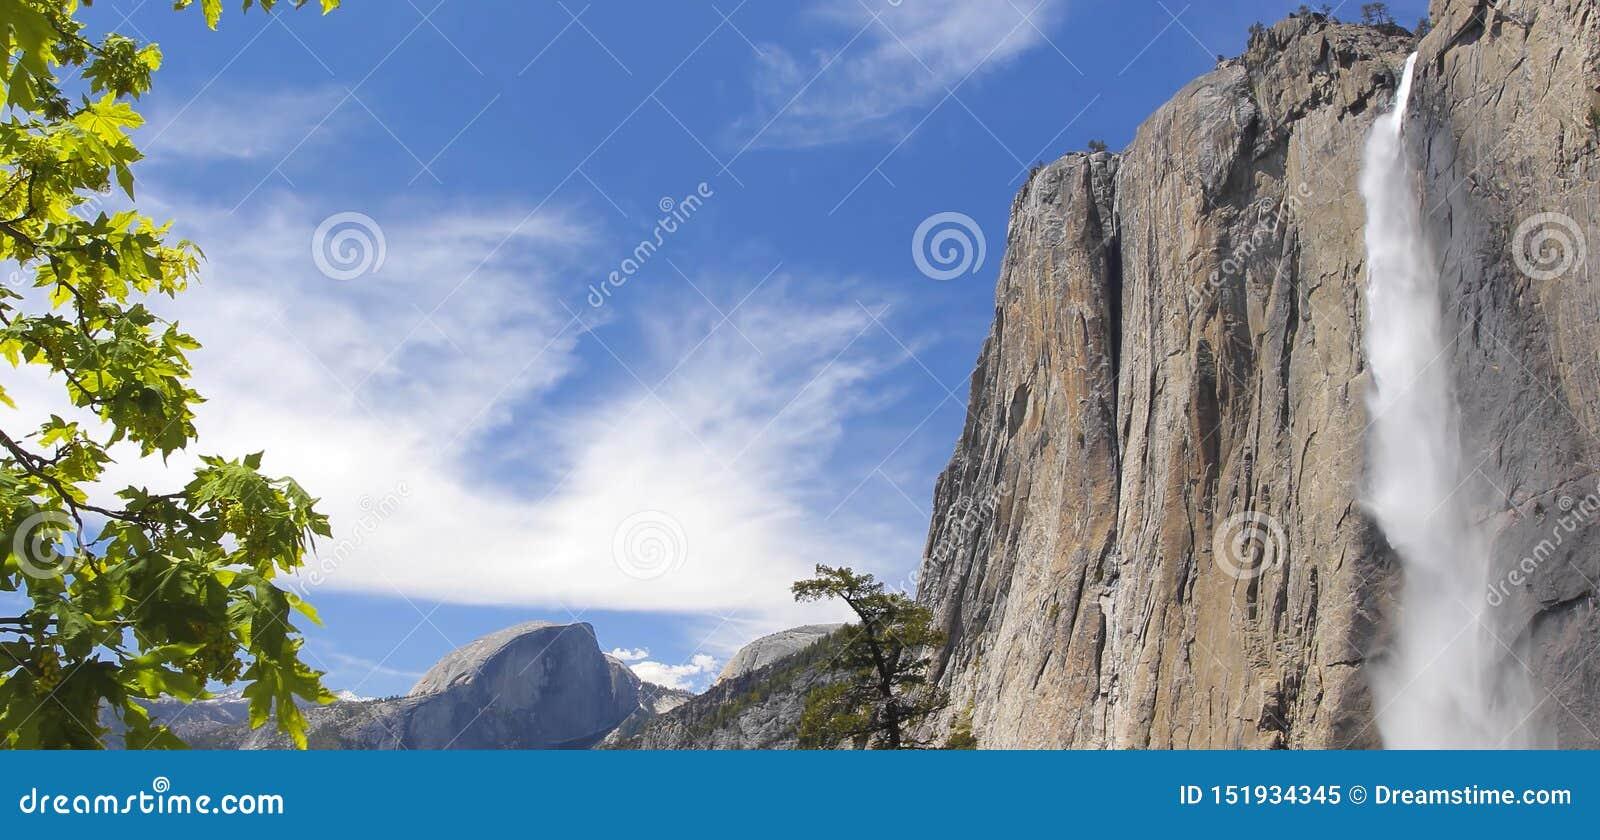 Una de las cascadas más altas del mundo